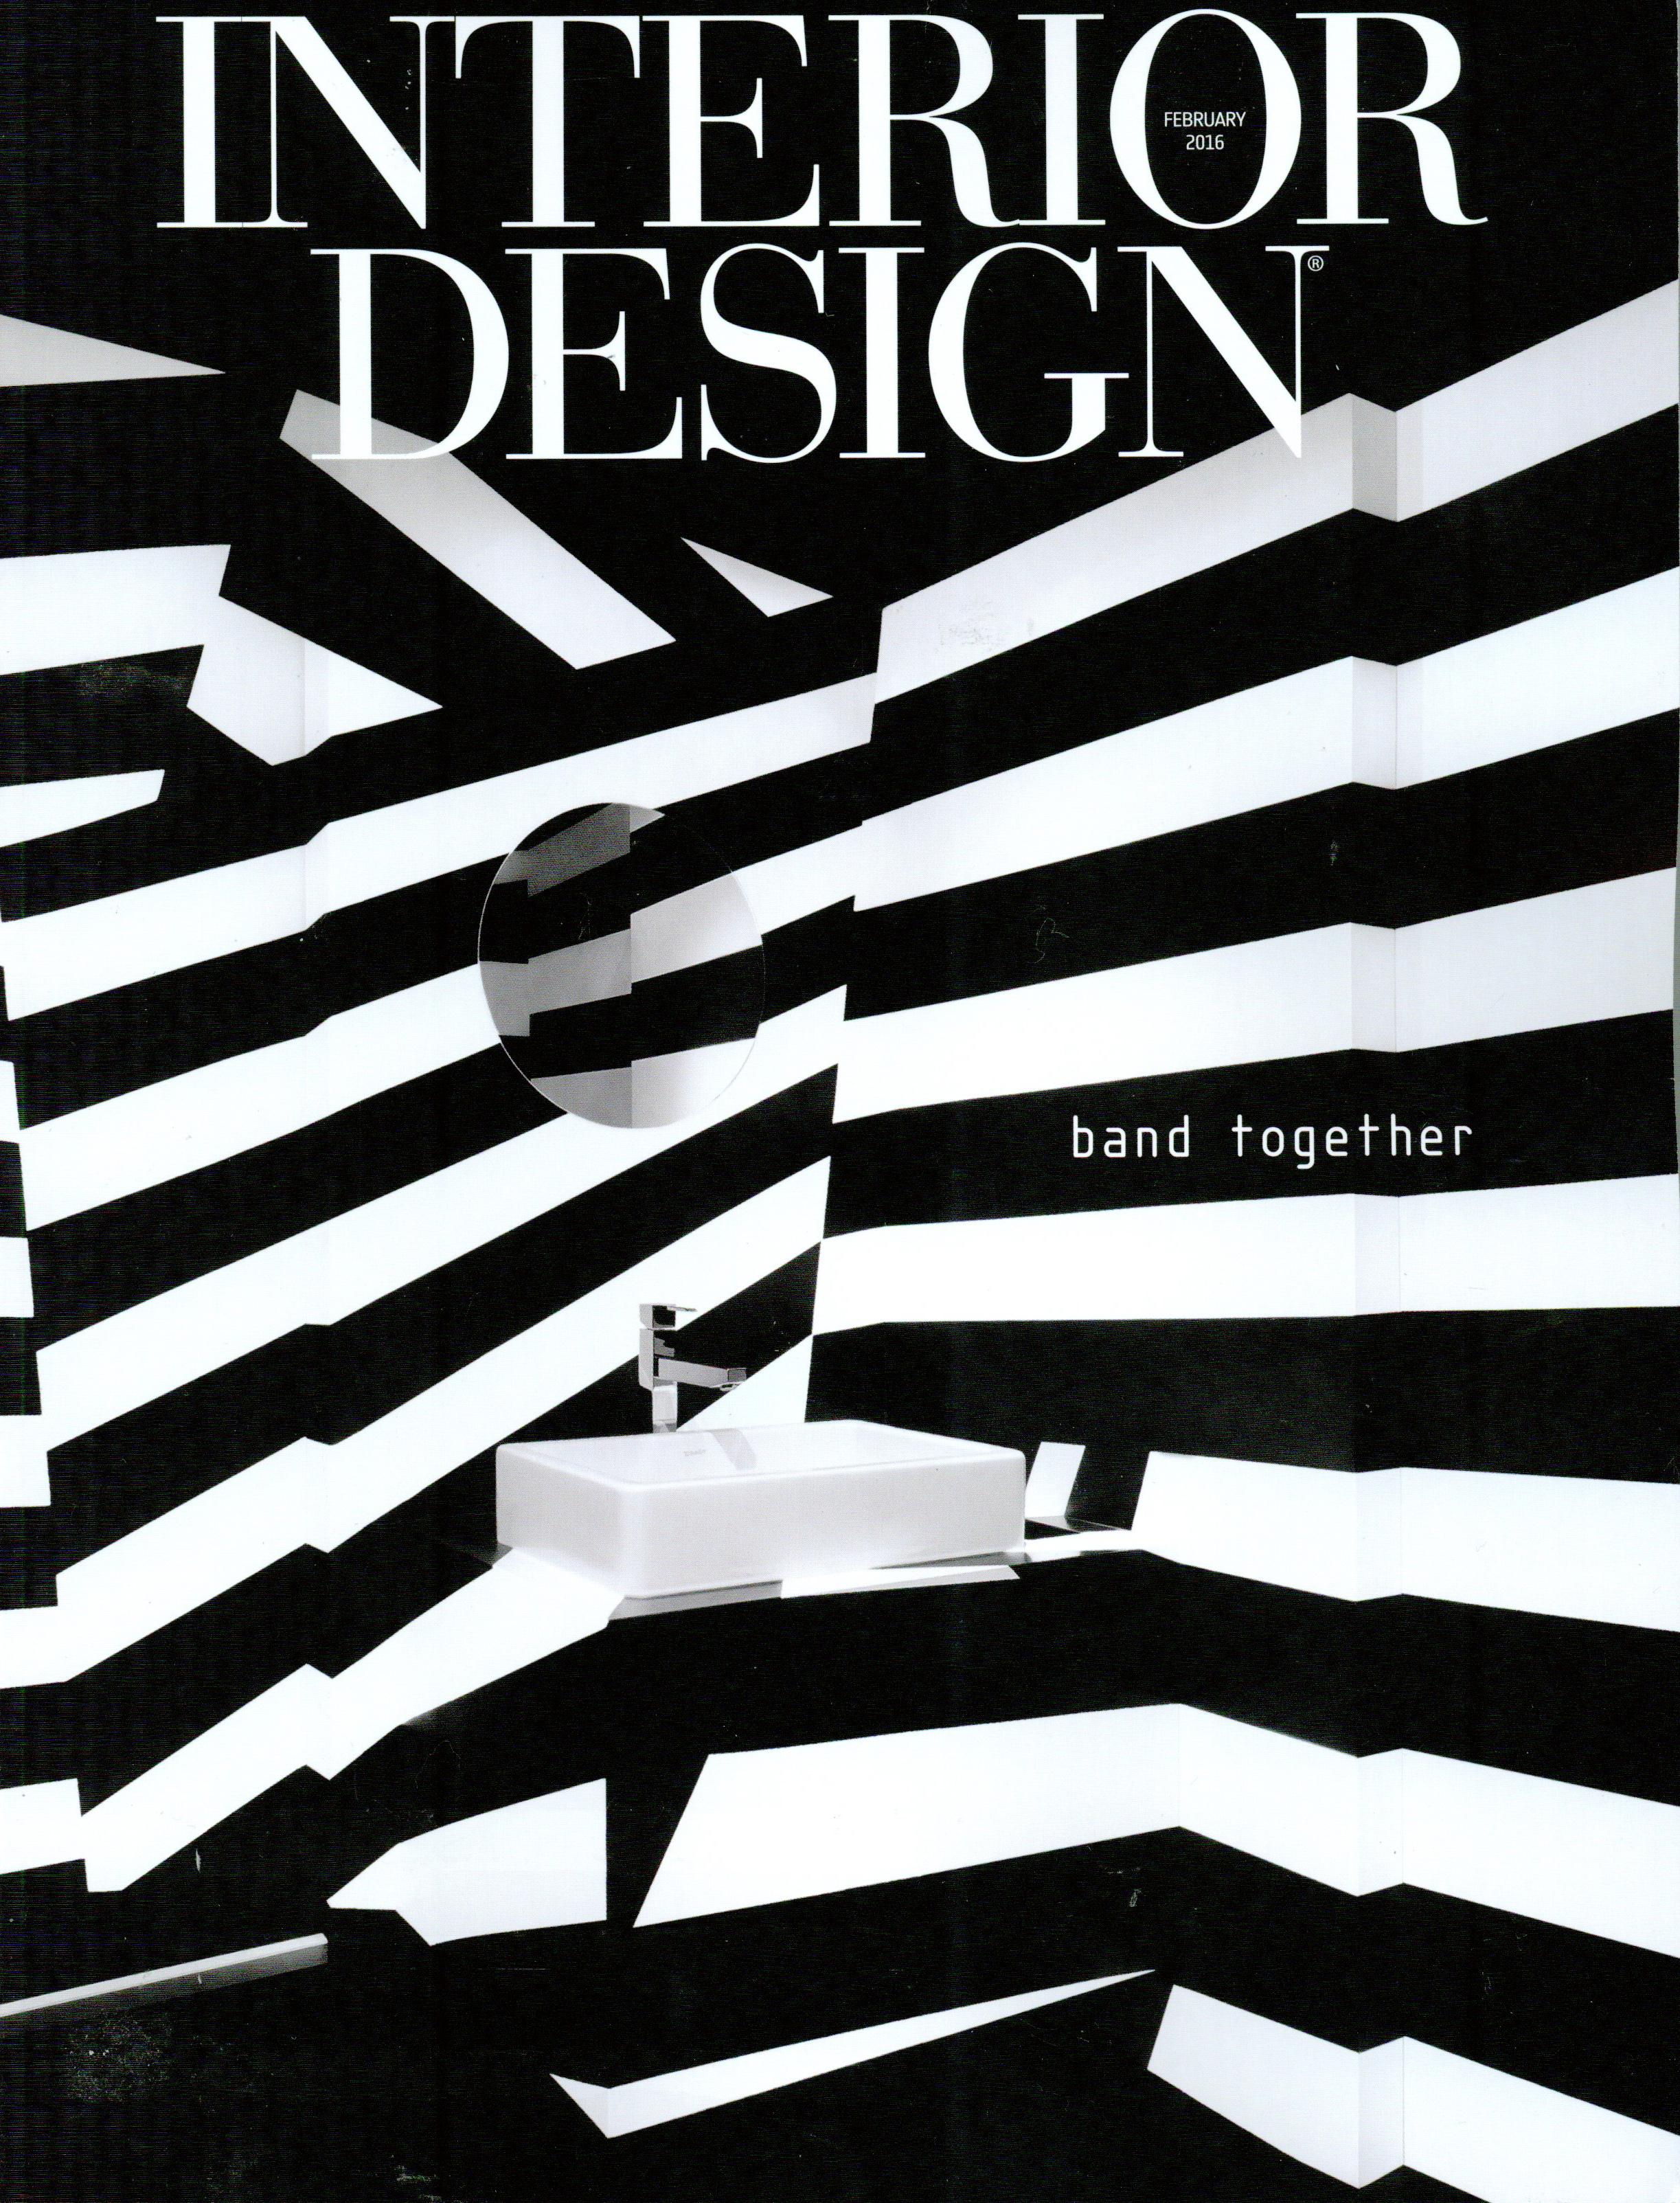 Mansour Modern_Interior Design_February 2016_Cover.jpg